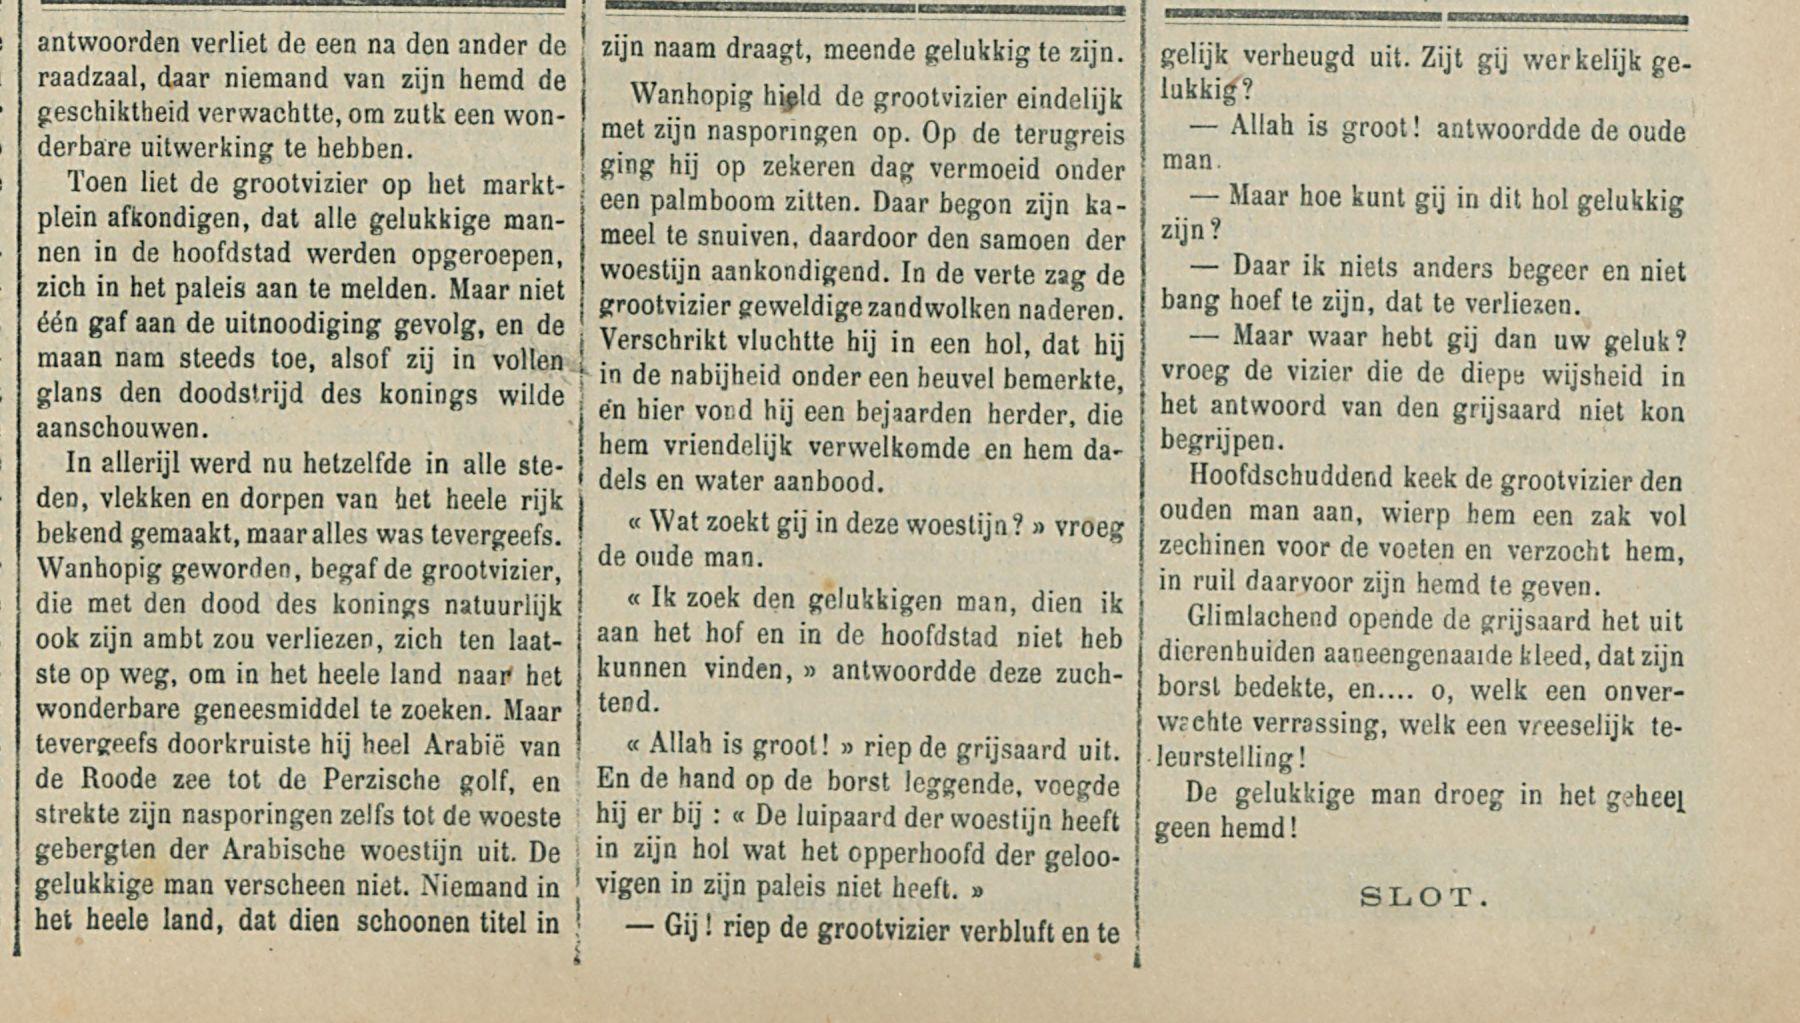 HET HEMD VAN DEN-1